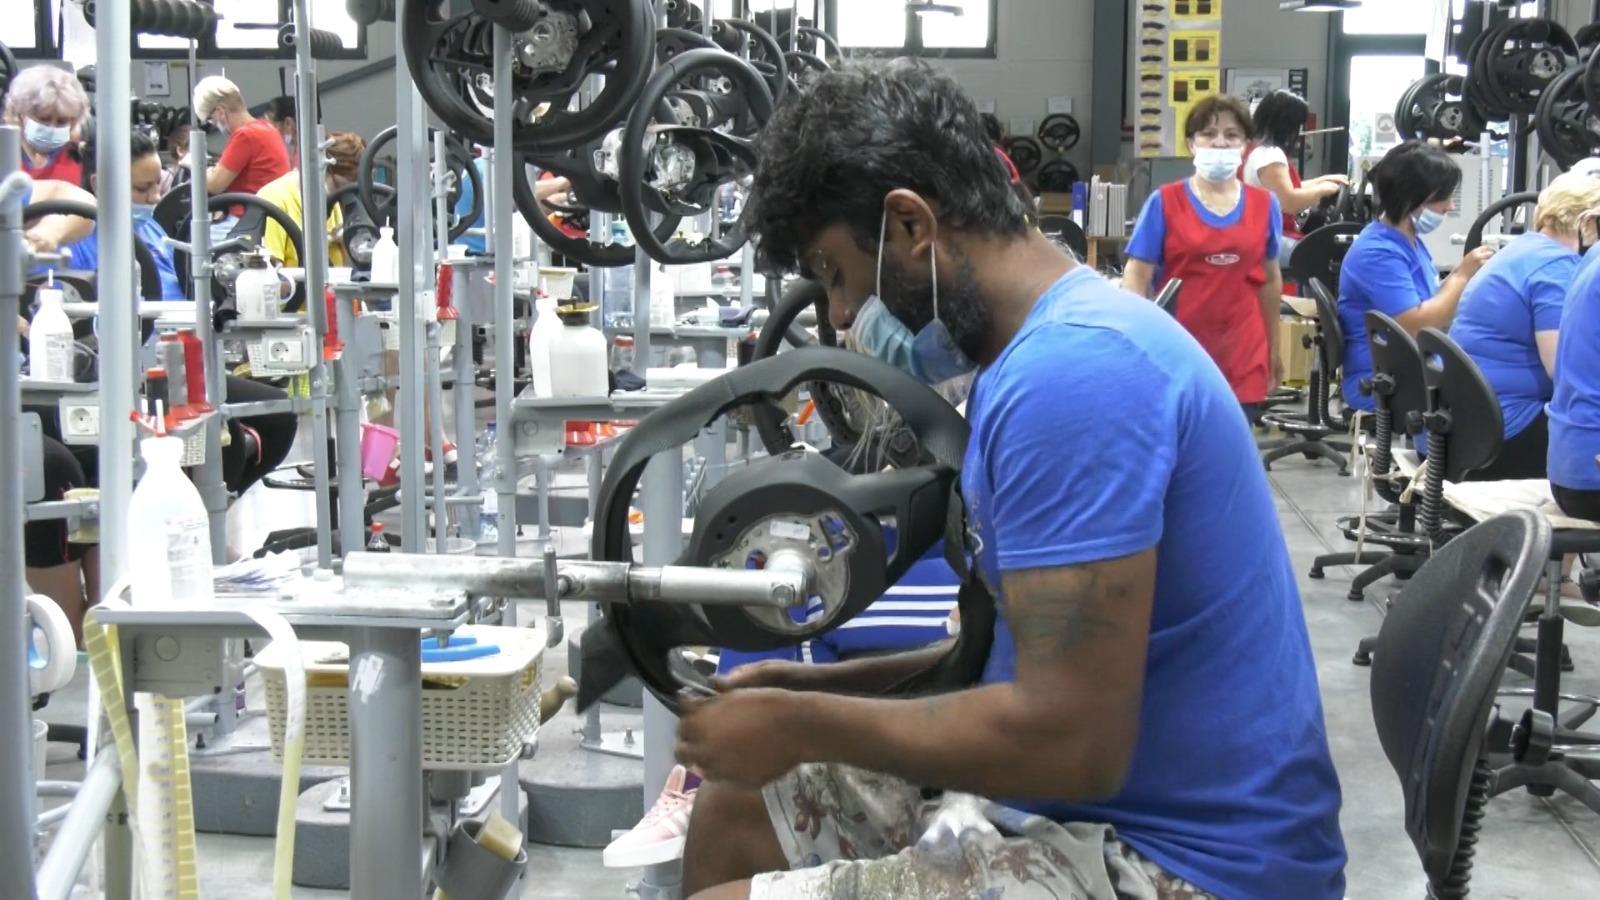 România importă angajaţi din Nepal, Sri Lanka sau Vietnam. Tinerii preferă să plece în străinătate decât să muncească la o firmă din ţară